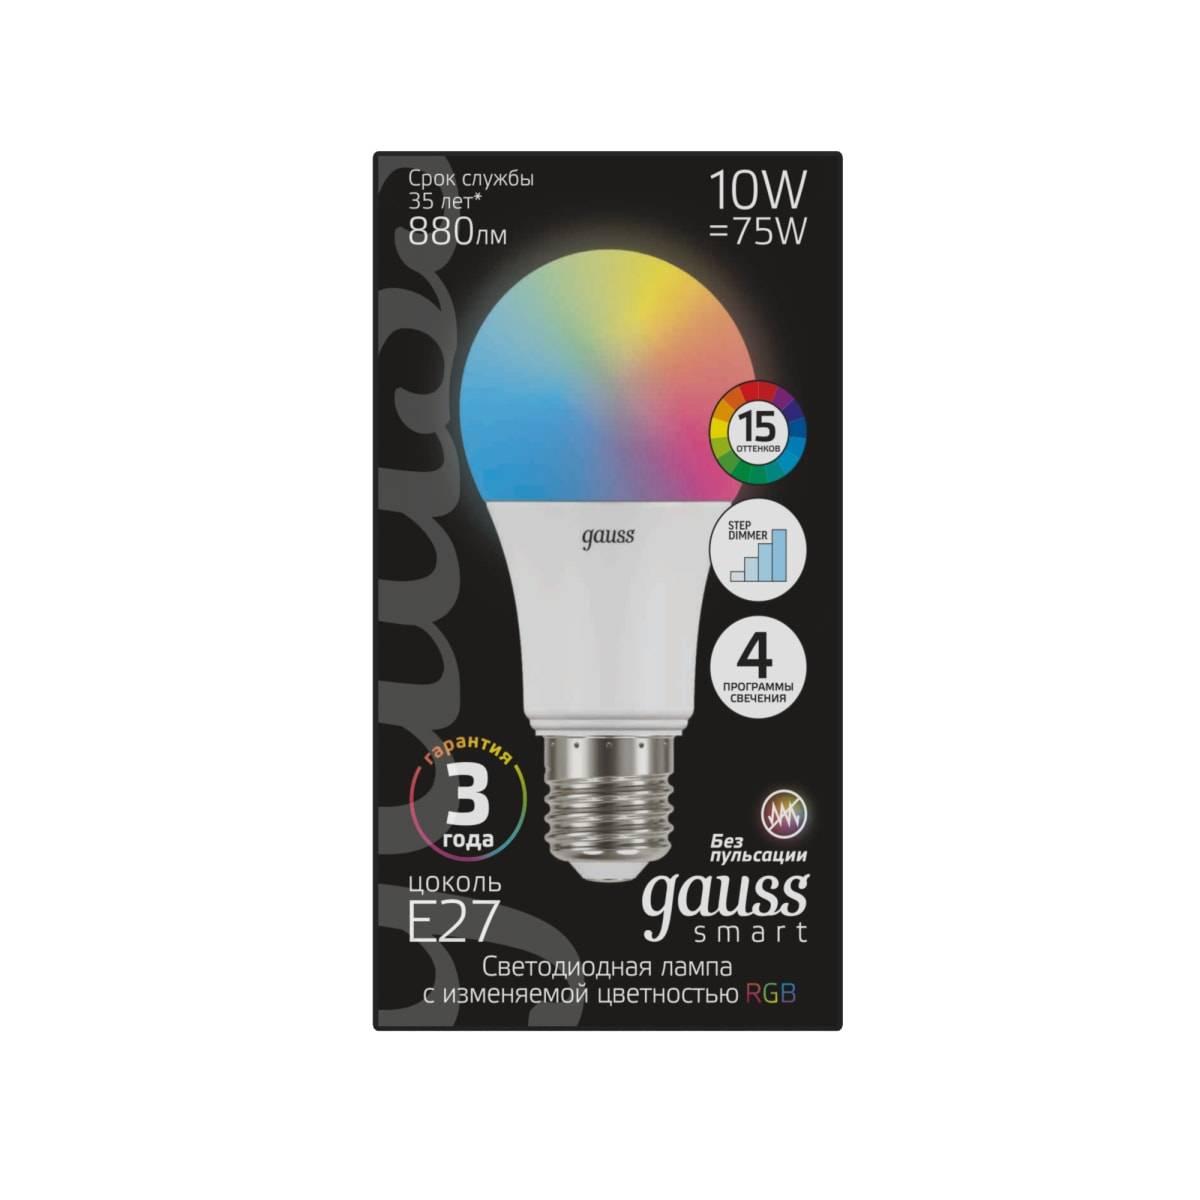 Светодиодные лампы gauss: специфика устройства и советы по выбору - точка j